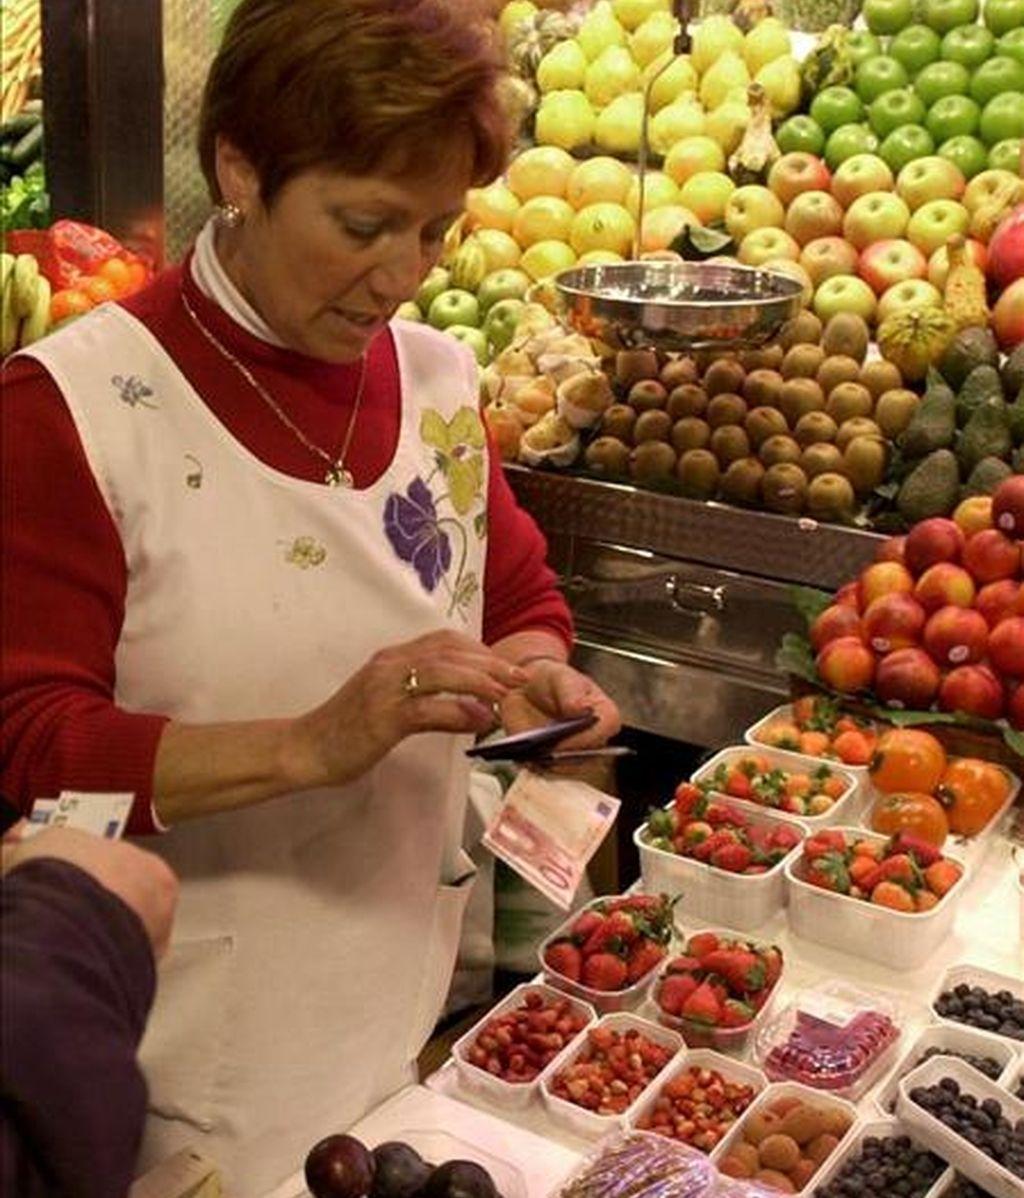 Una dependienta de un puesto de frutas de un mercado. EFE/Archivo